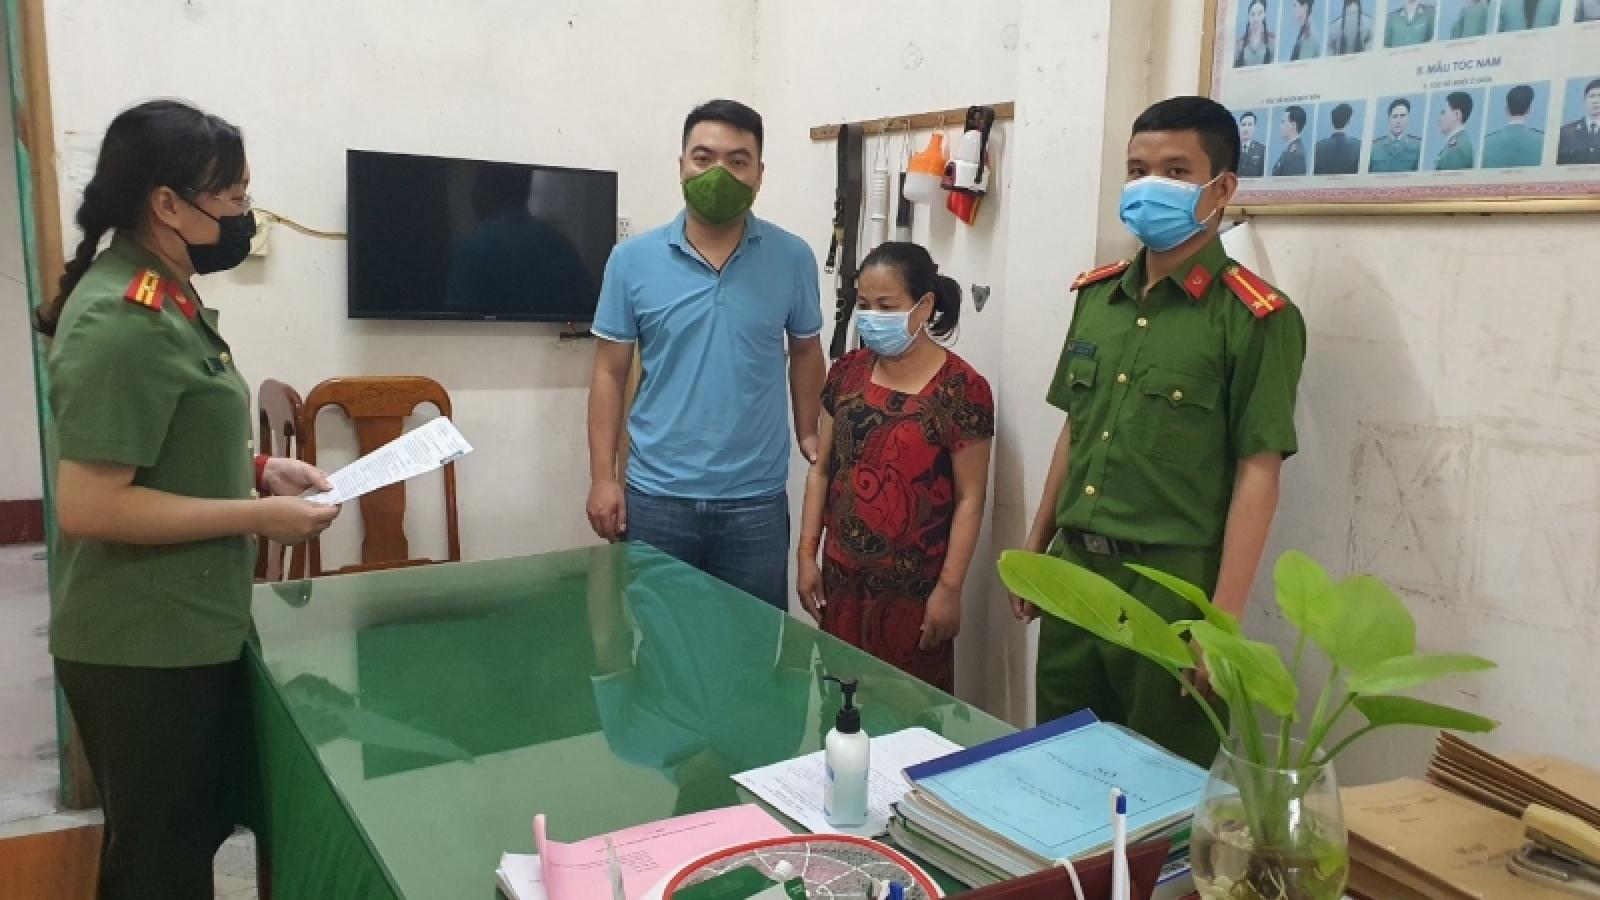 Công an Sơn La bắt đối tượng truy nã đặc biệt nguy hiểm tại biên giới Việt - Lào